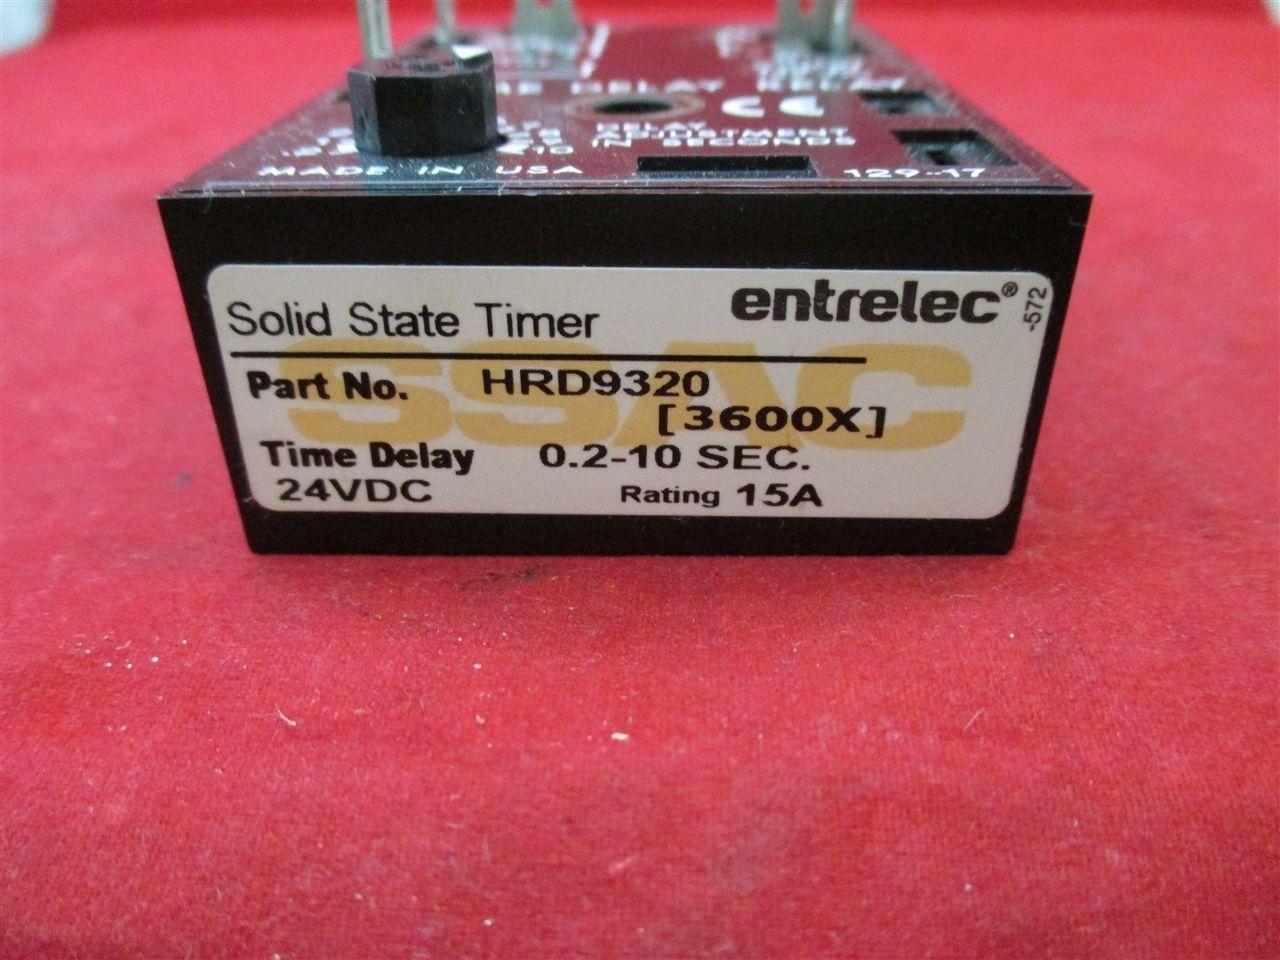 Ssac Entrelec Hrd9320 Solid State Timer